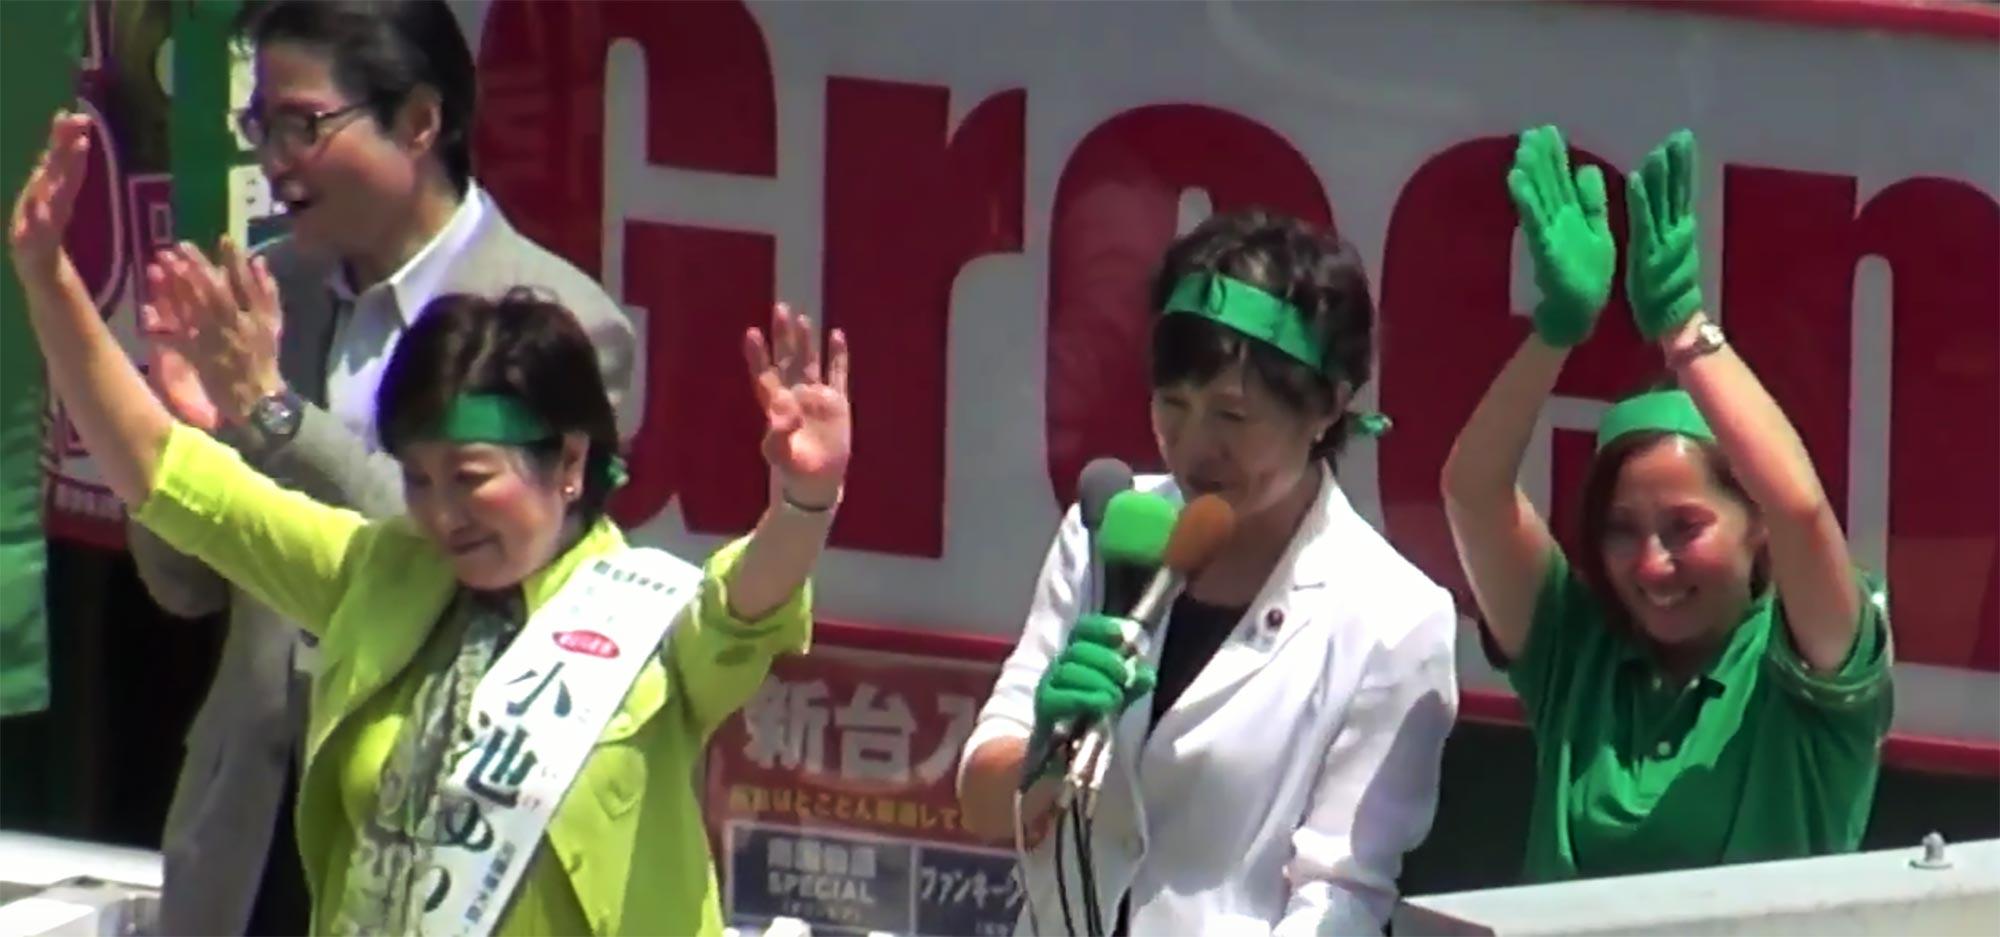 2016日本前衆議院議員及内閣大臣小池百合子競選東京都知事_Former_Member_of_Japanese_House_of_Representatives_and_Cabinet_Minister_Yuriko_Koike_Runs_for_Governor_of_Tokyo_1